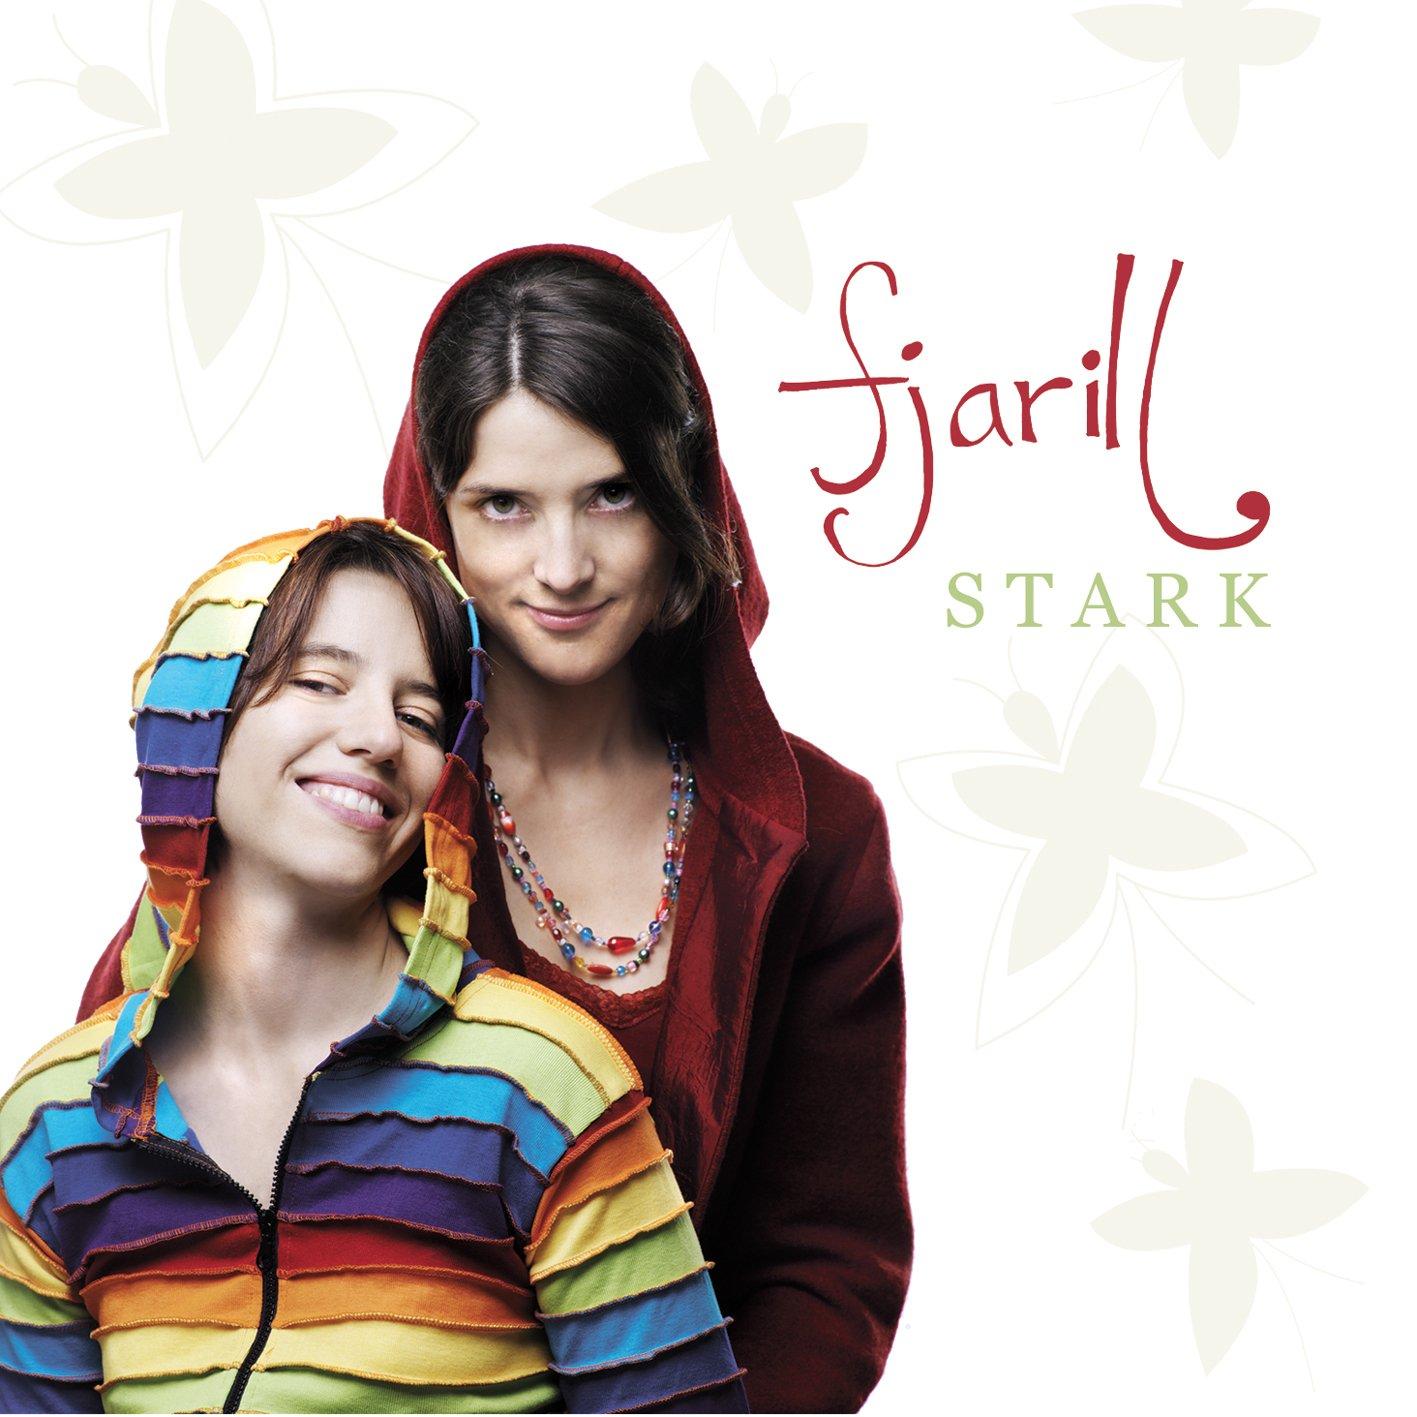 Fjarill_Stark